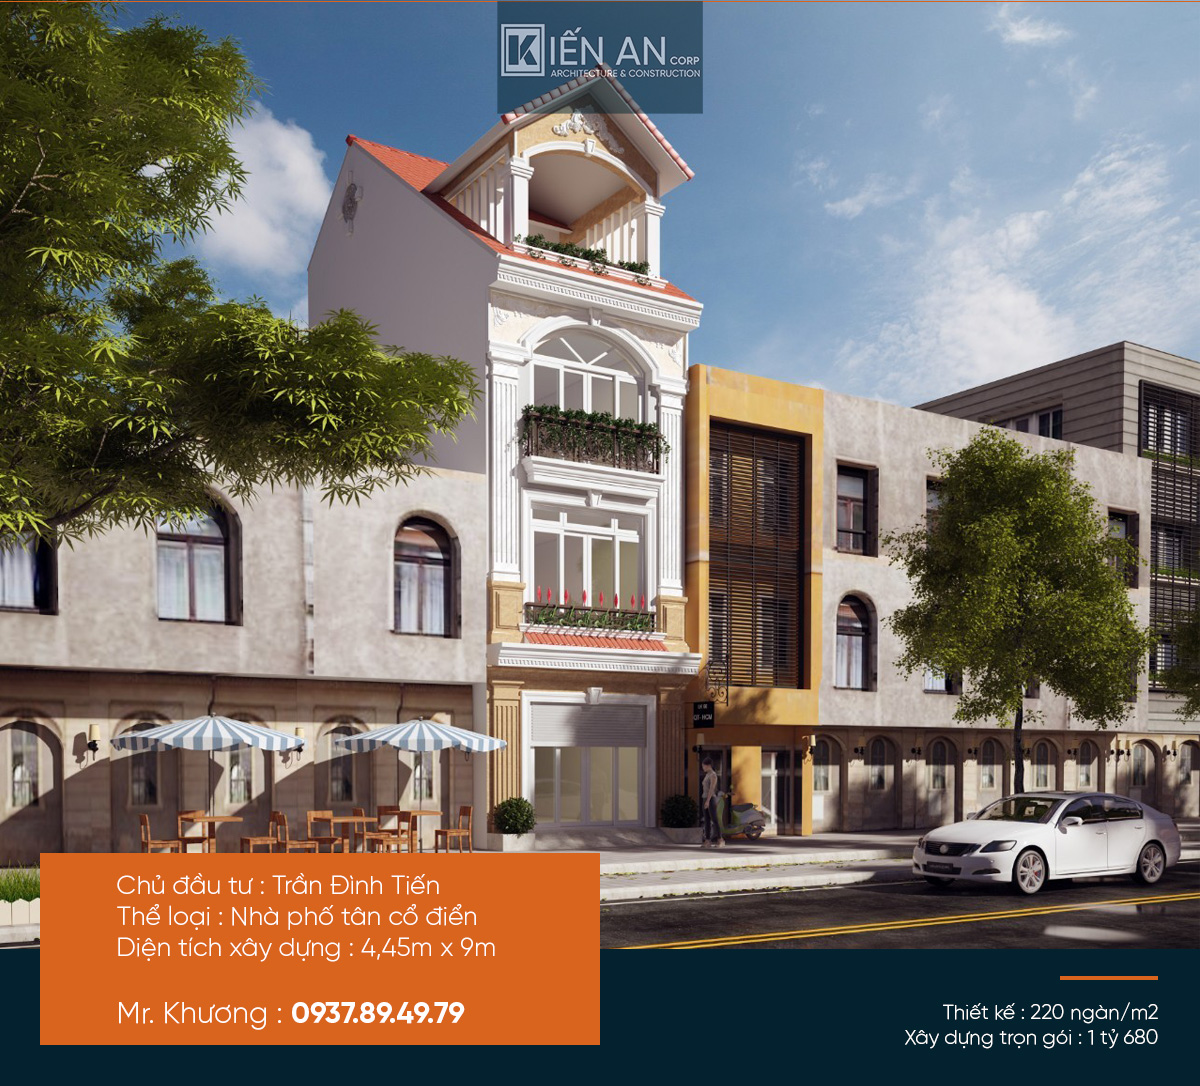 Mẫu thiết kế nhà phố đẹp – Giải pháp tối ưu với thiết kế nhà phố 3 tầng của anh Tiến quận 12, TP. HCM